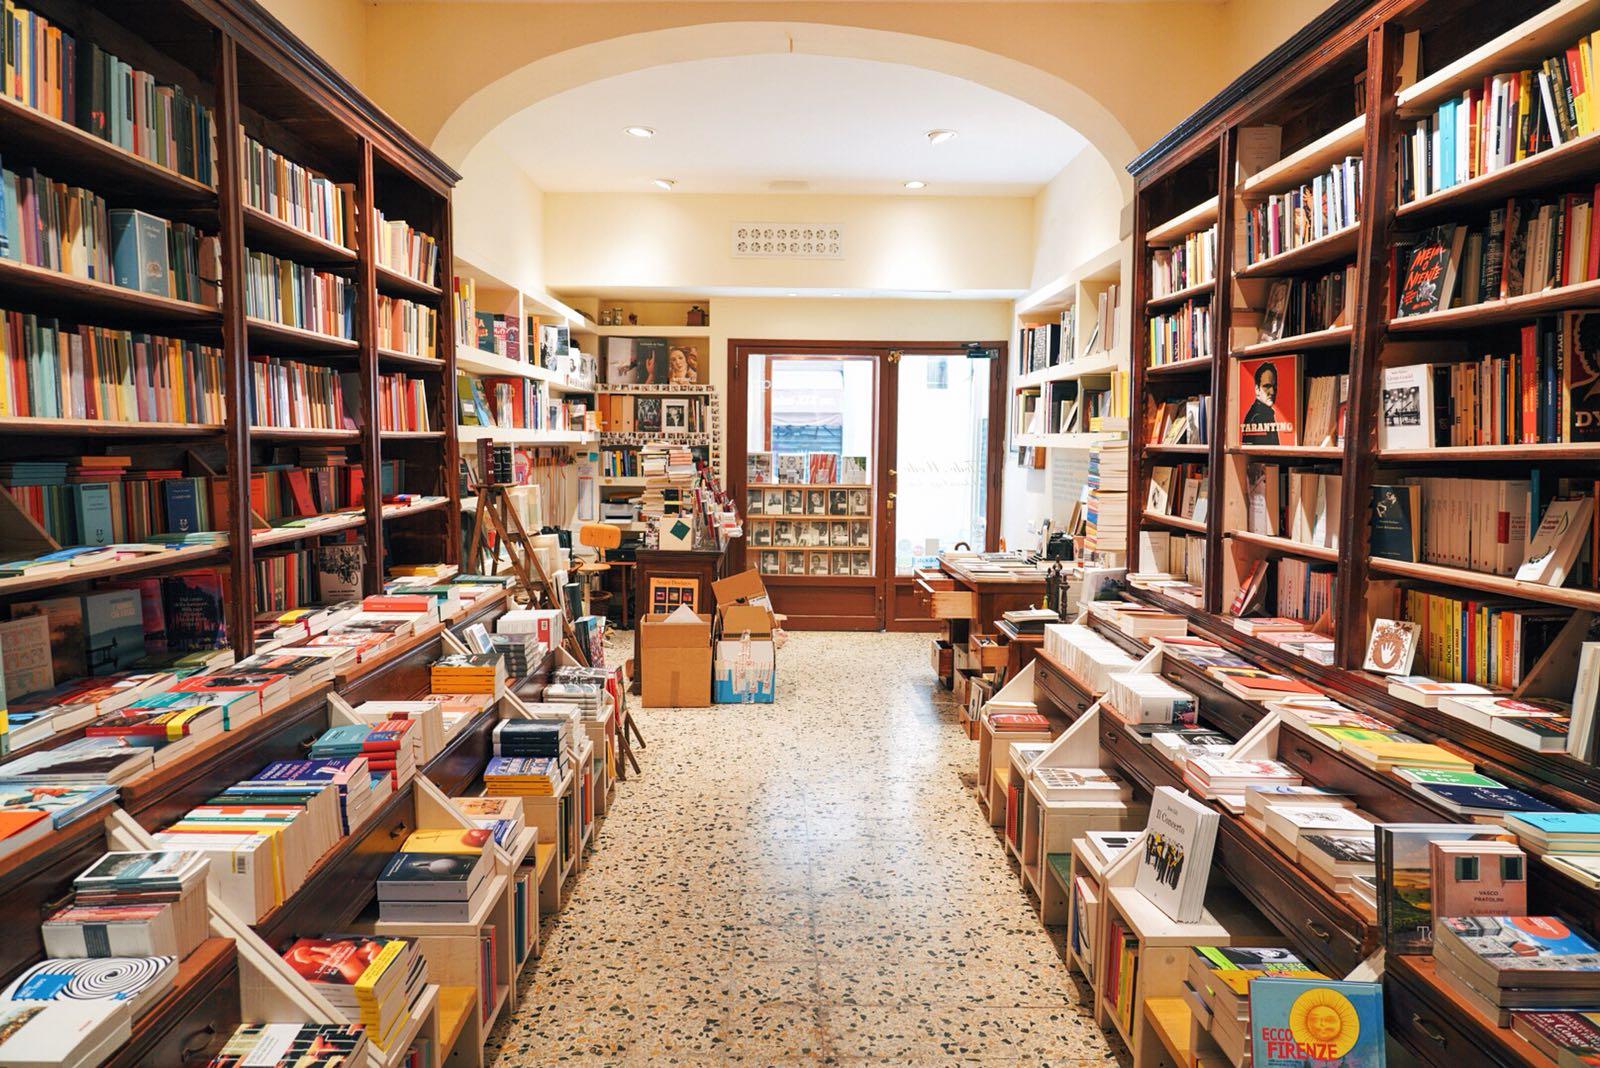 Libreria Todo Modo, Firenze via Facebook